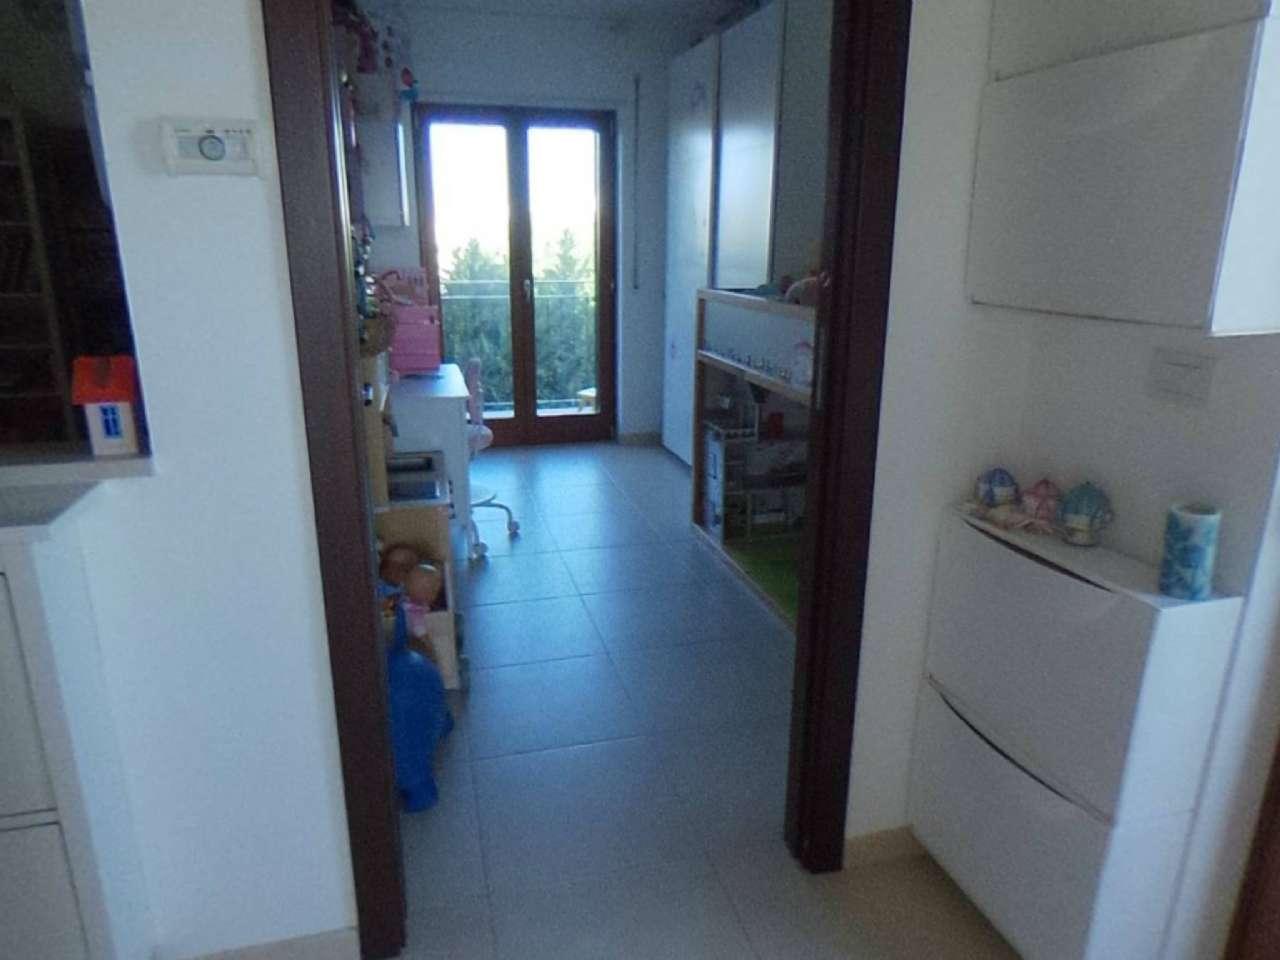 Attico in mini condominio con posto auto scoperto, foto 9